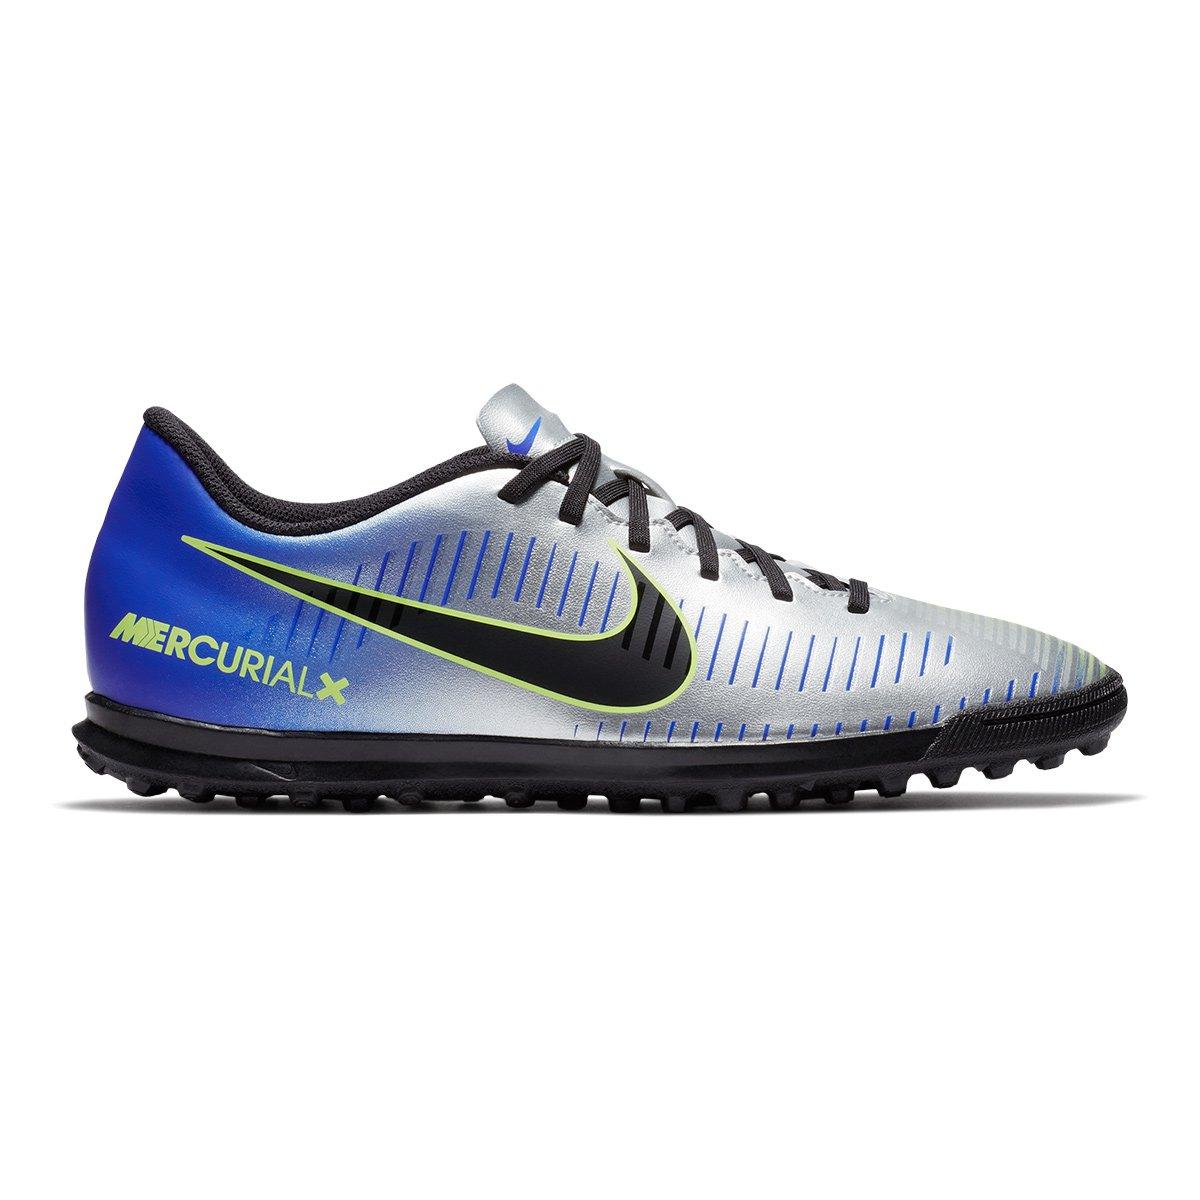 7c5ca79b2e Chuteira Society Nike Mercurial Vortex 3 Neymar Jr TF - Compre Agora ...